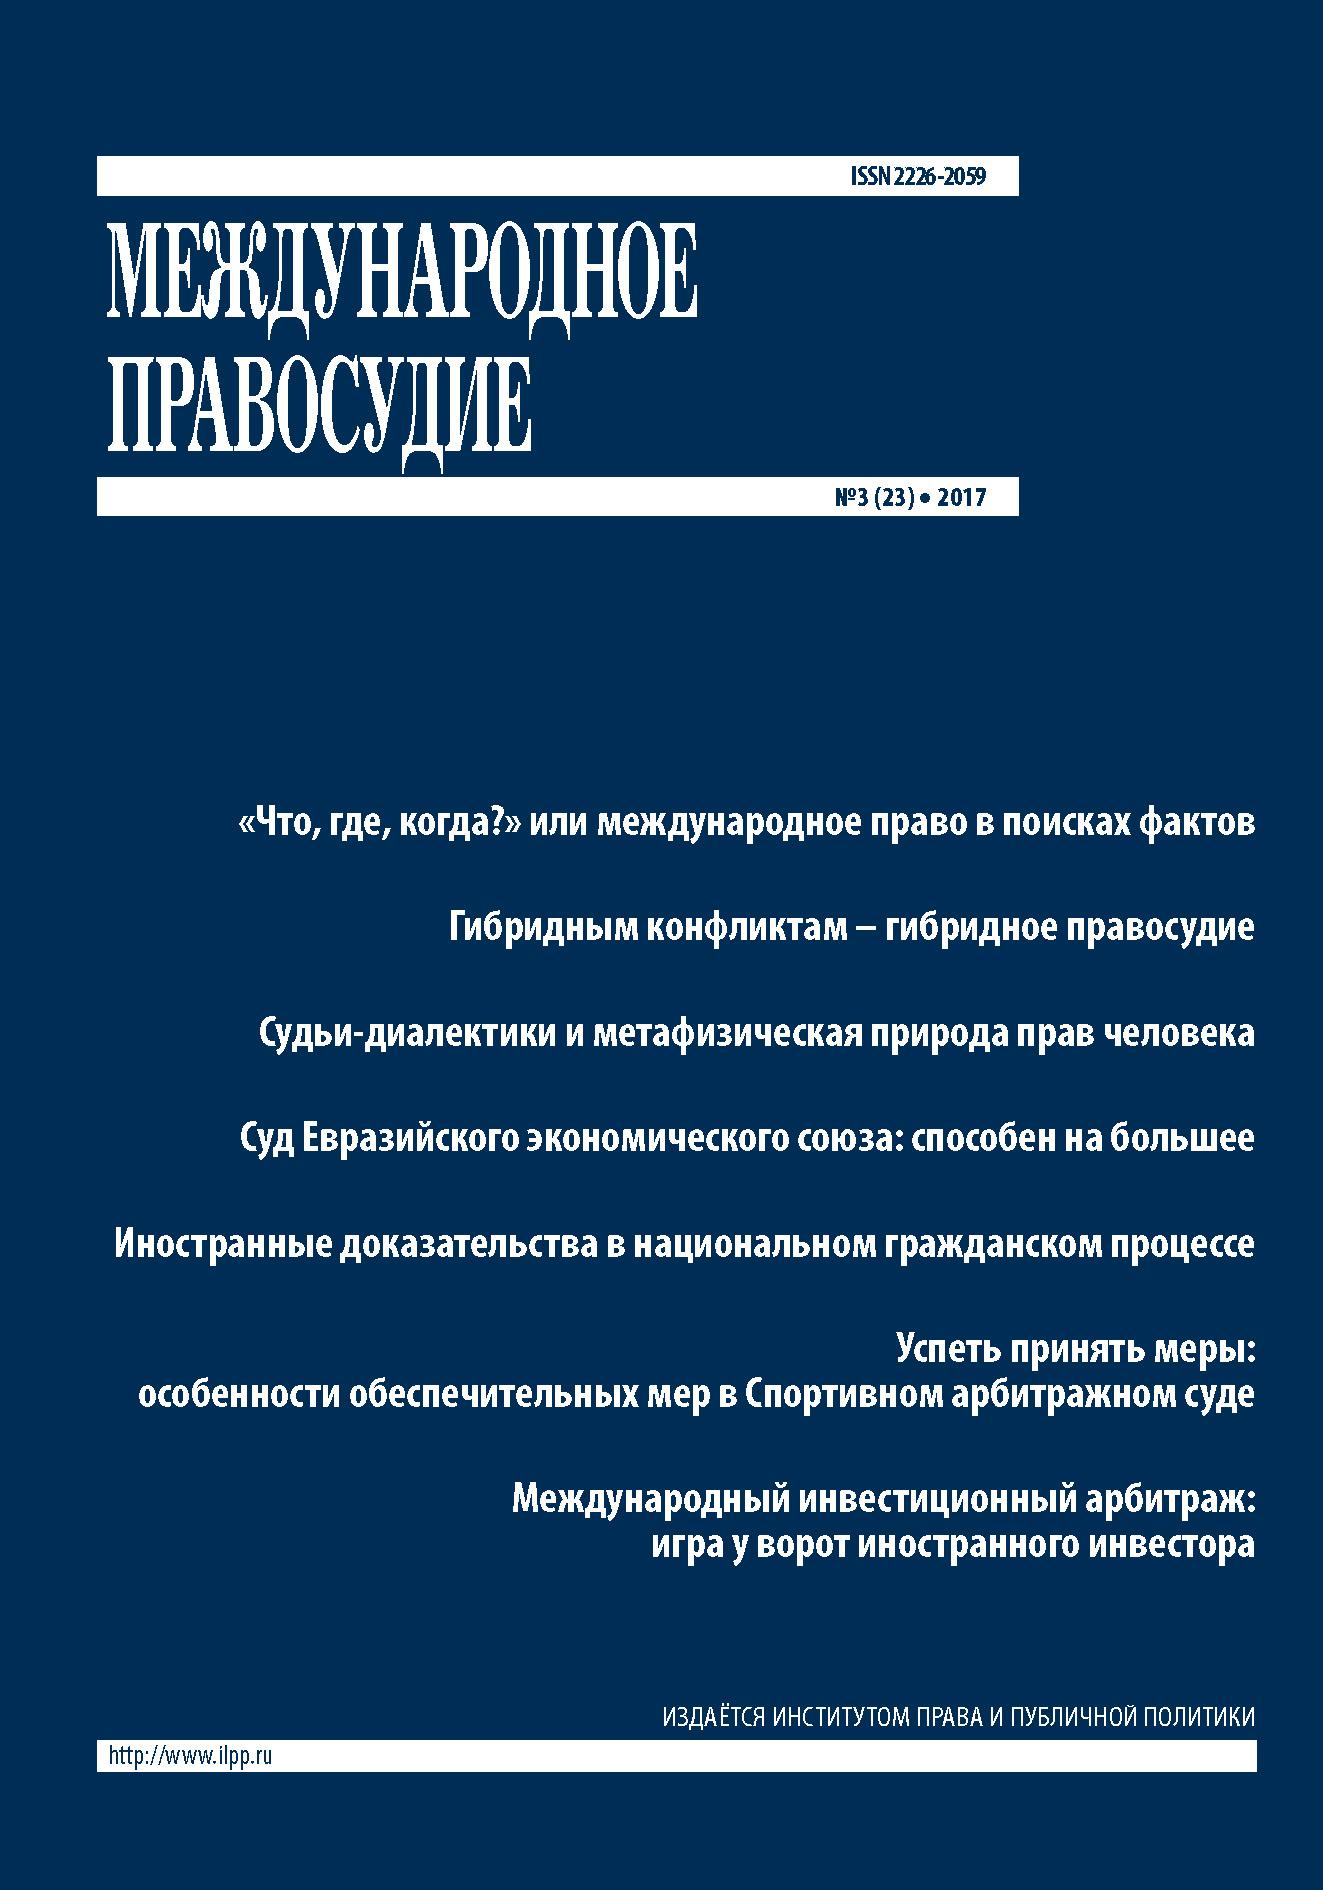 Вышел из печати новый выпуск журнала Международное правосудие №  Мы рады сообщить о выходе очередного выпуска журнала Международное правосудие